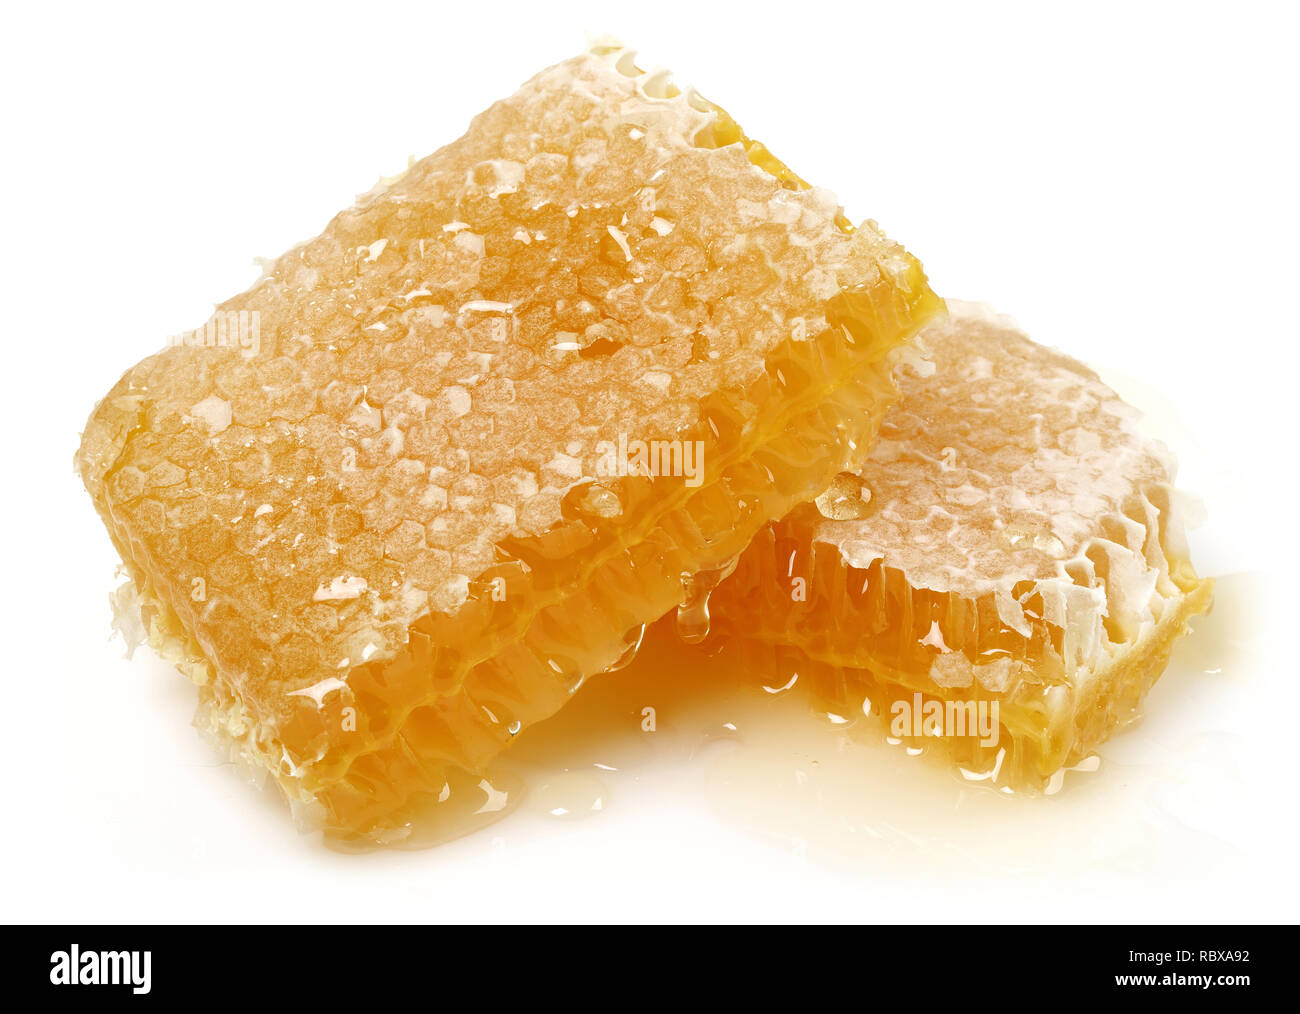 Honey with honeycomb isolated on white background - Stock Image